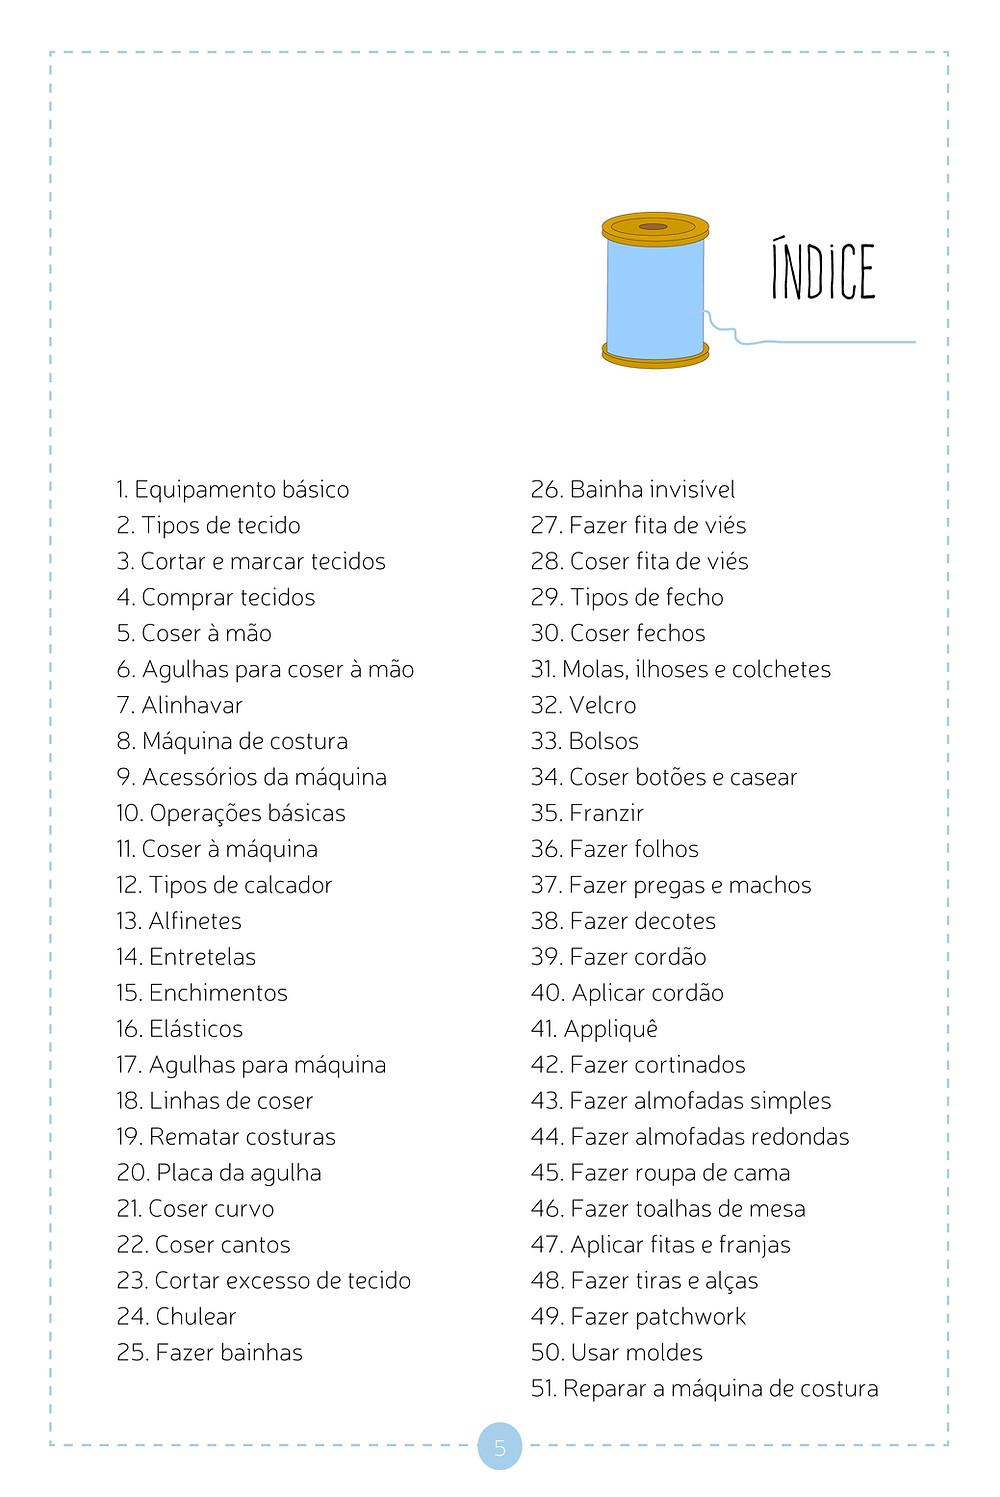 Indice - Manual Básico de Costura Criativa - Joana Nobre Garcia